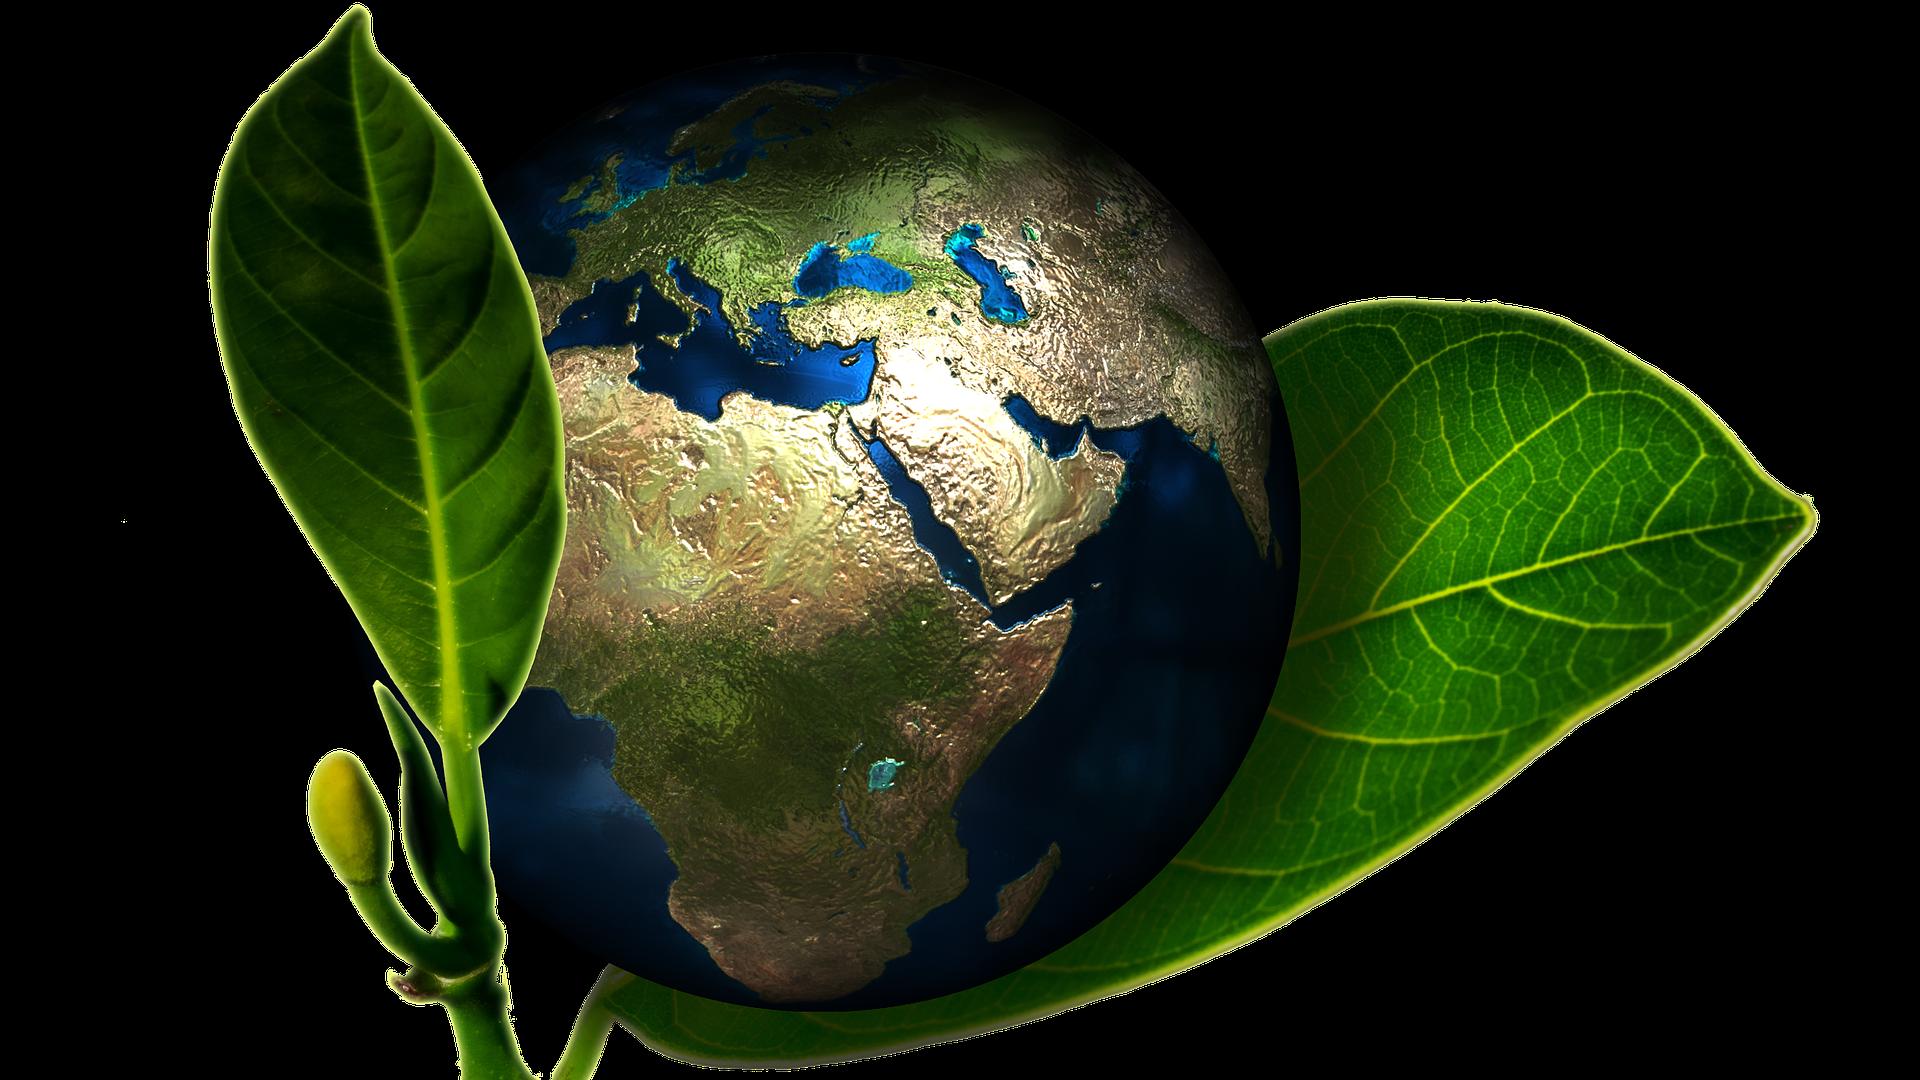 Dekoracja, planeta ziemia na tle zielonych liści